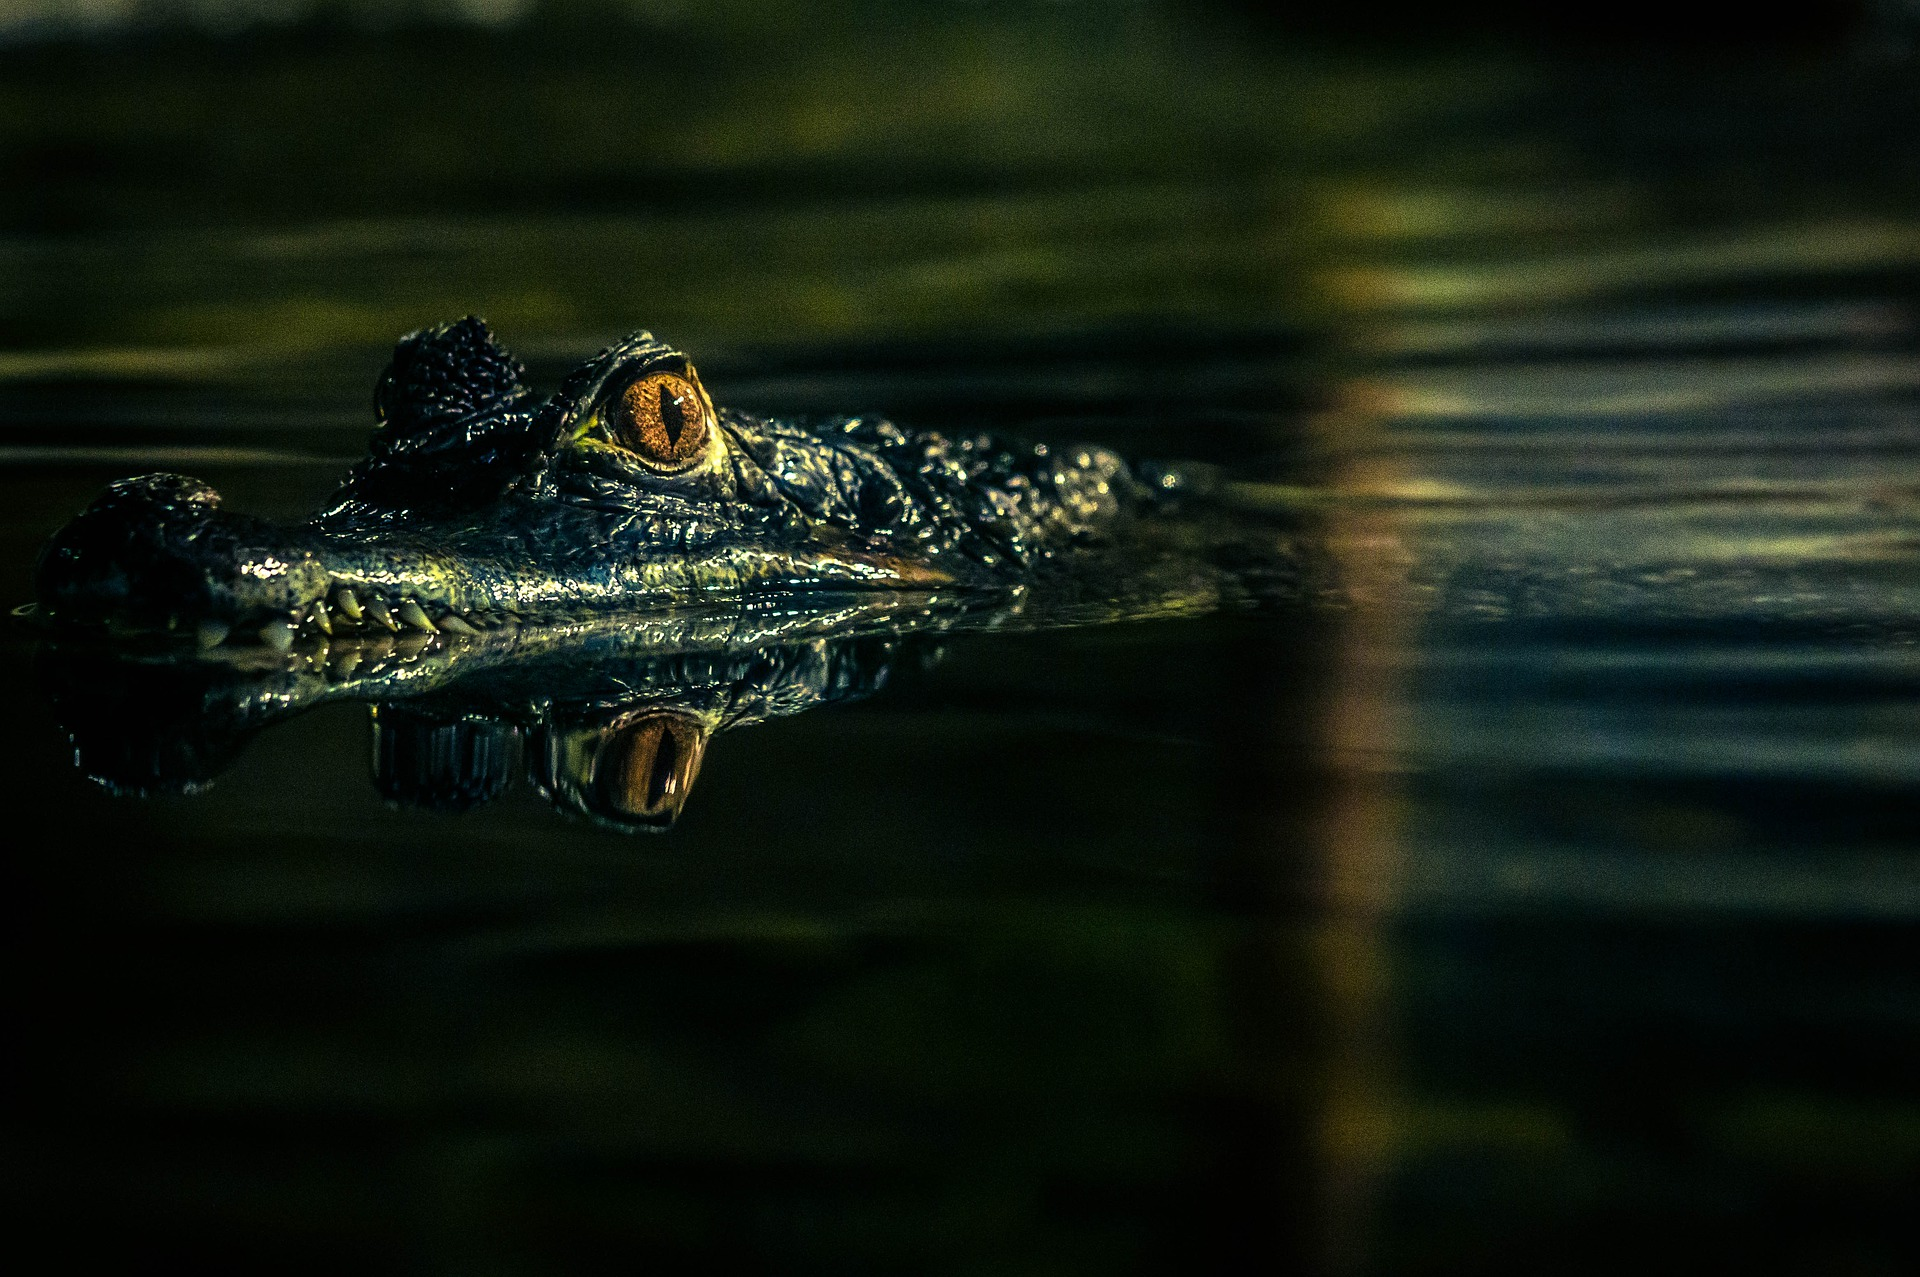 V nouzi poznáš přítele. Muž holýma rukama ulovil aligátora a zachránil psa